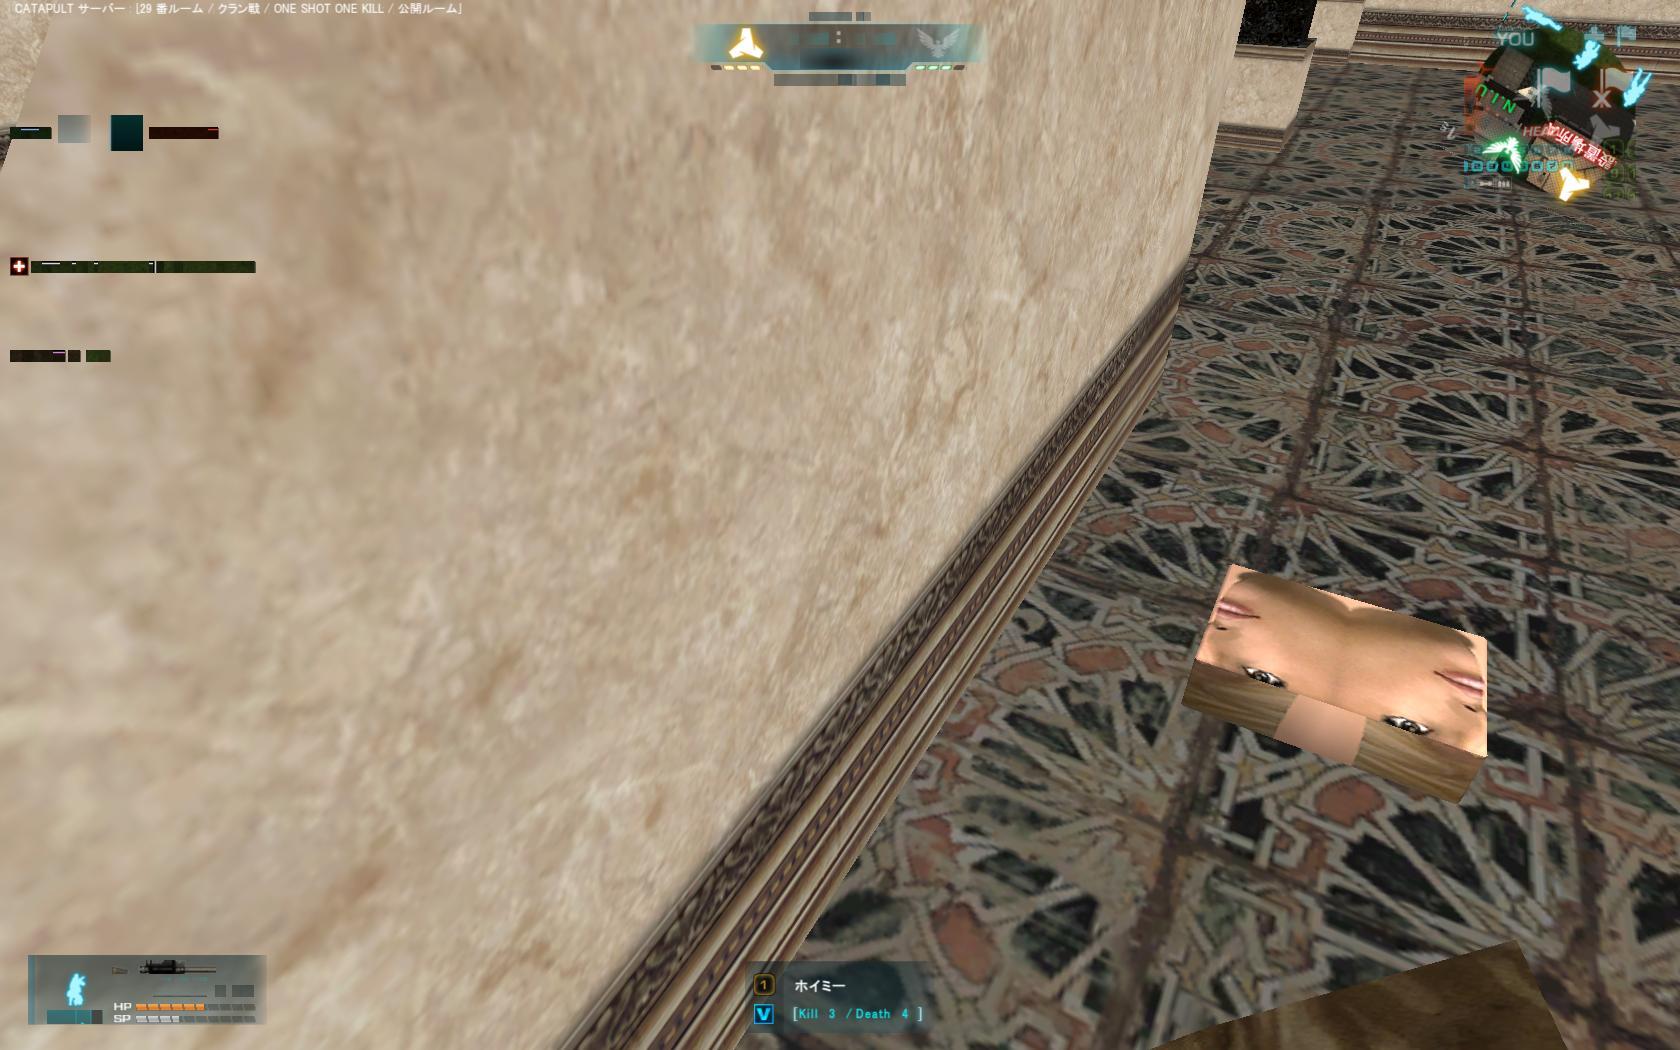 screenshot_036.jpg